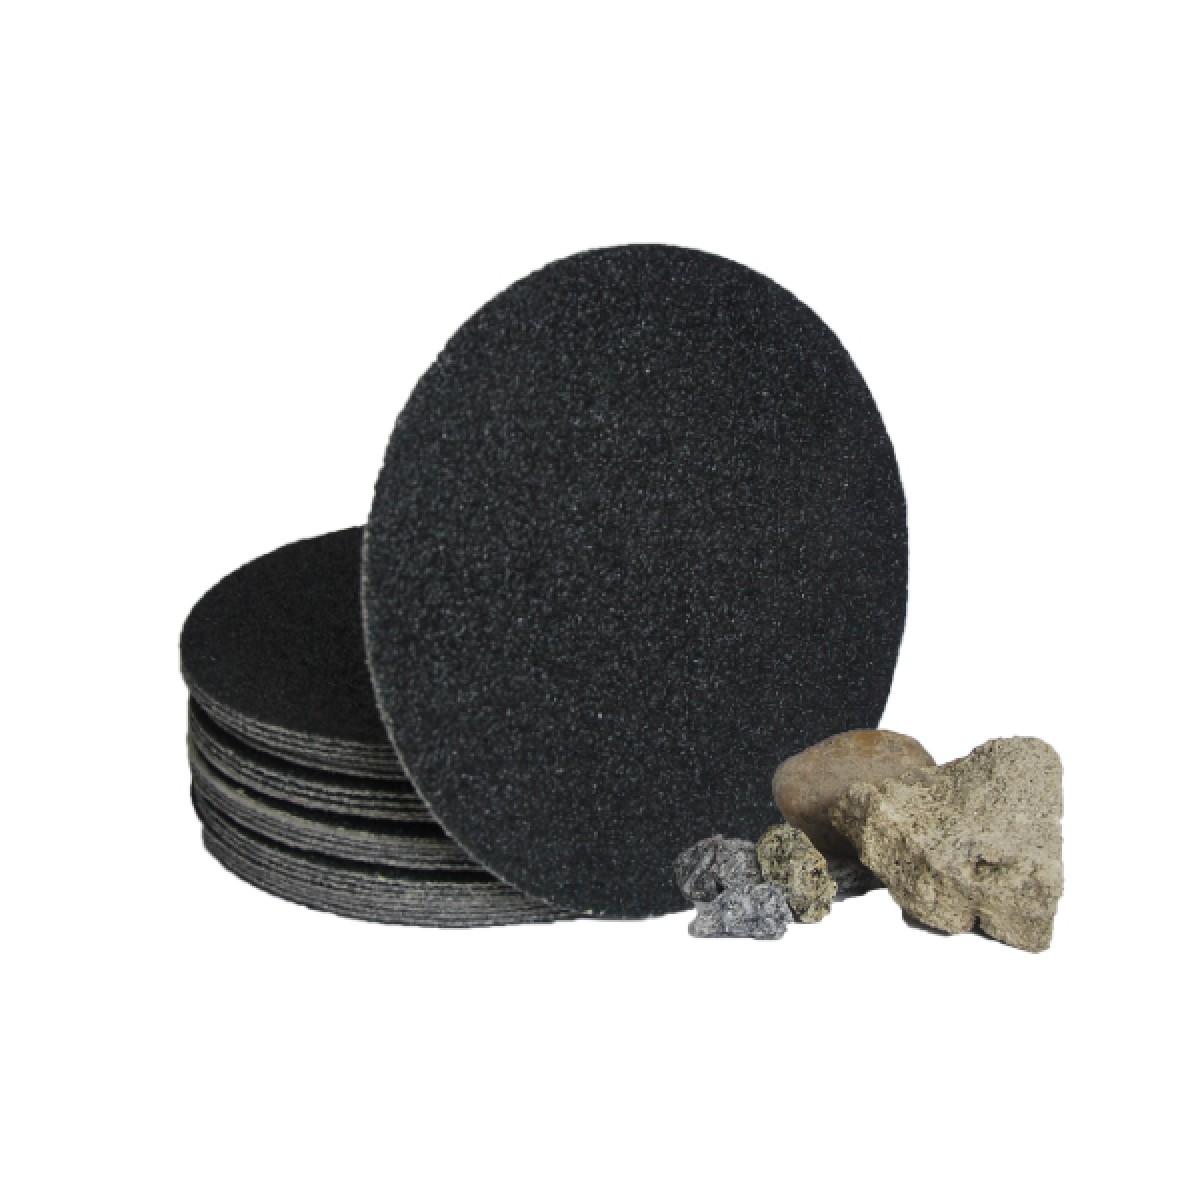 125mm borrelås slipeskive for stein og betong